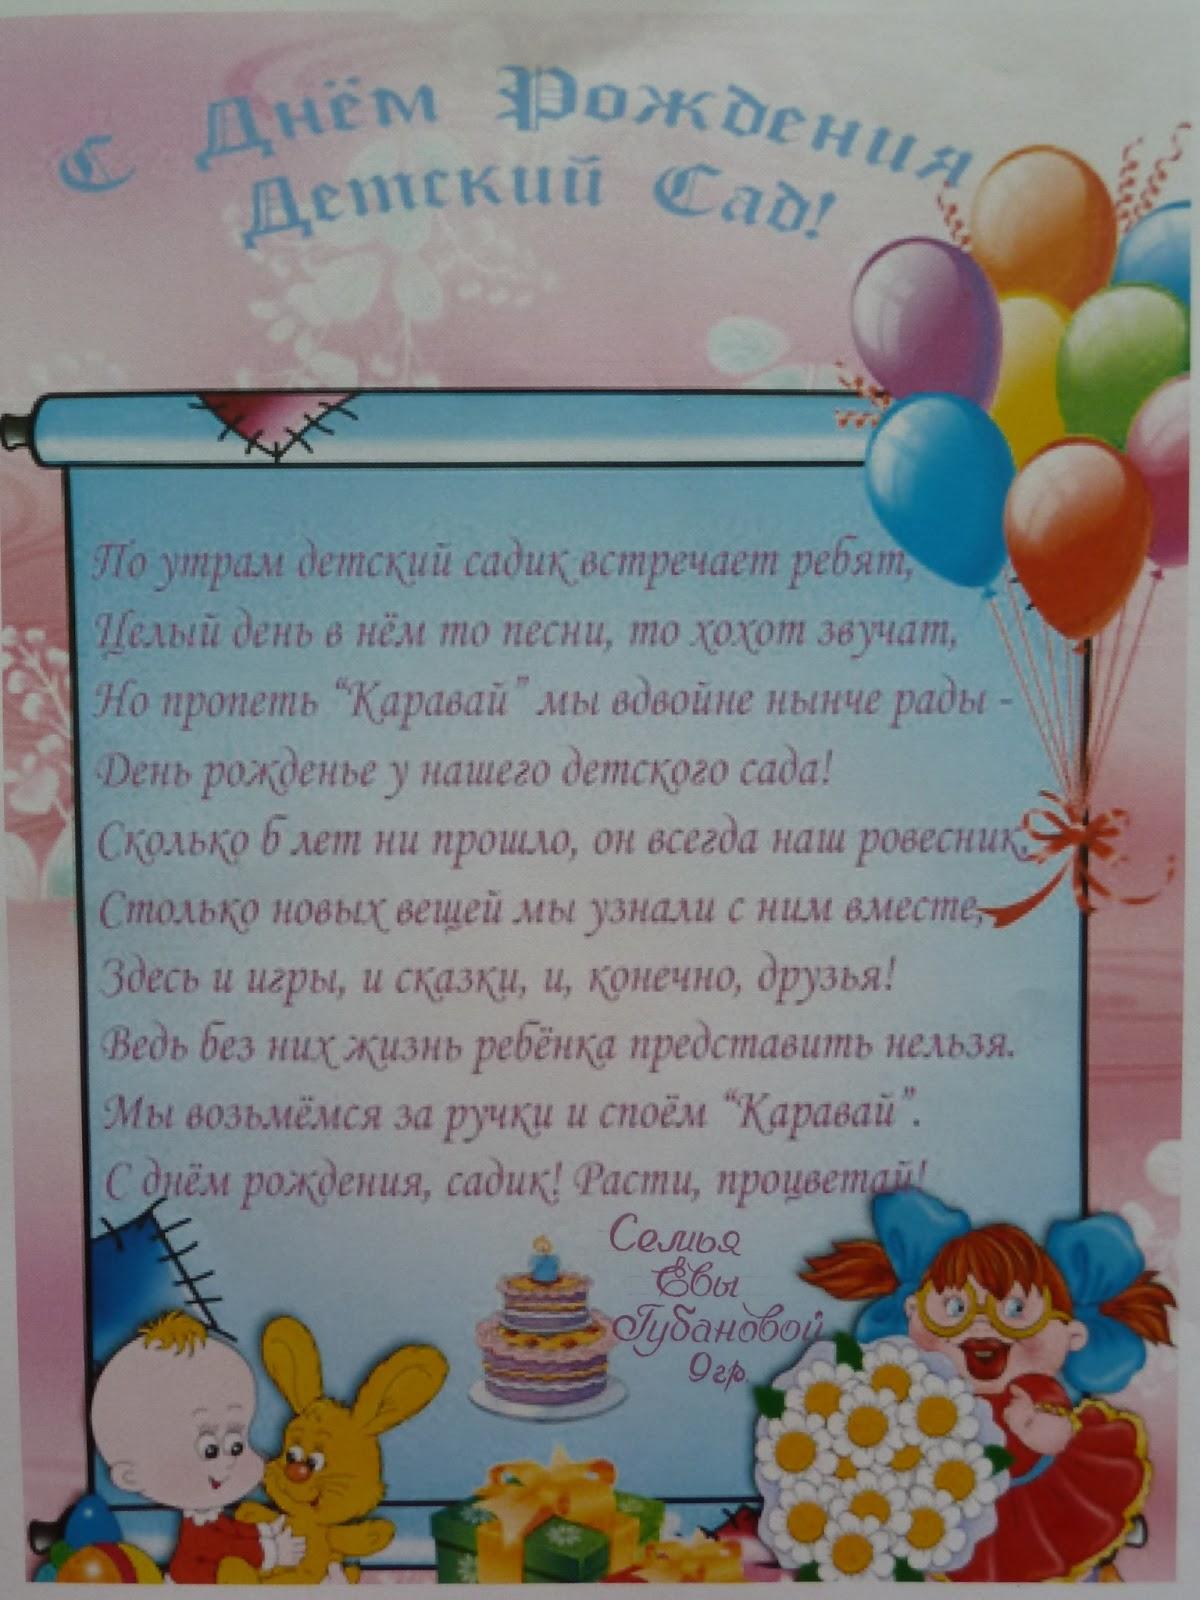 Поздравление в стихах коллективу детского сада